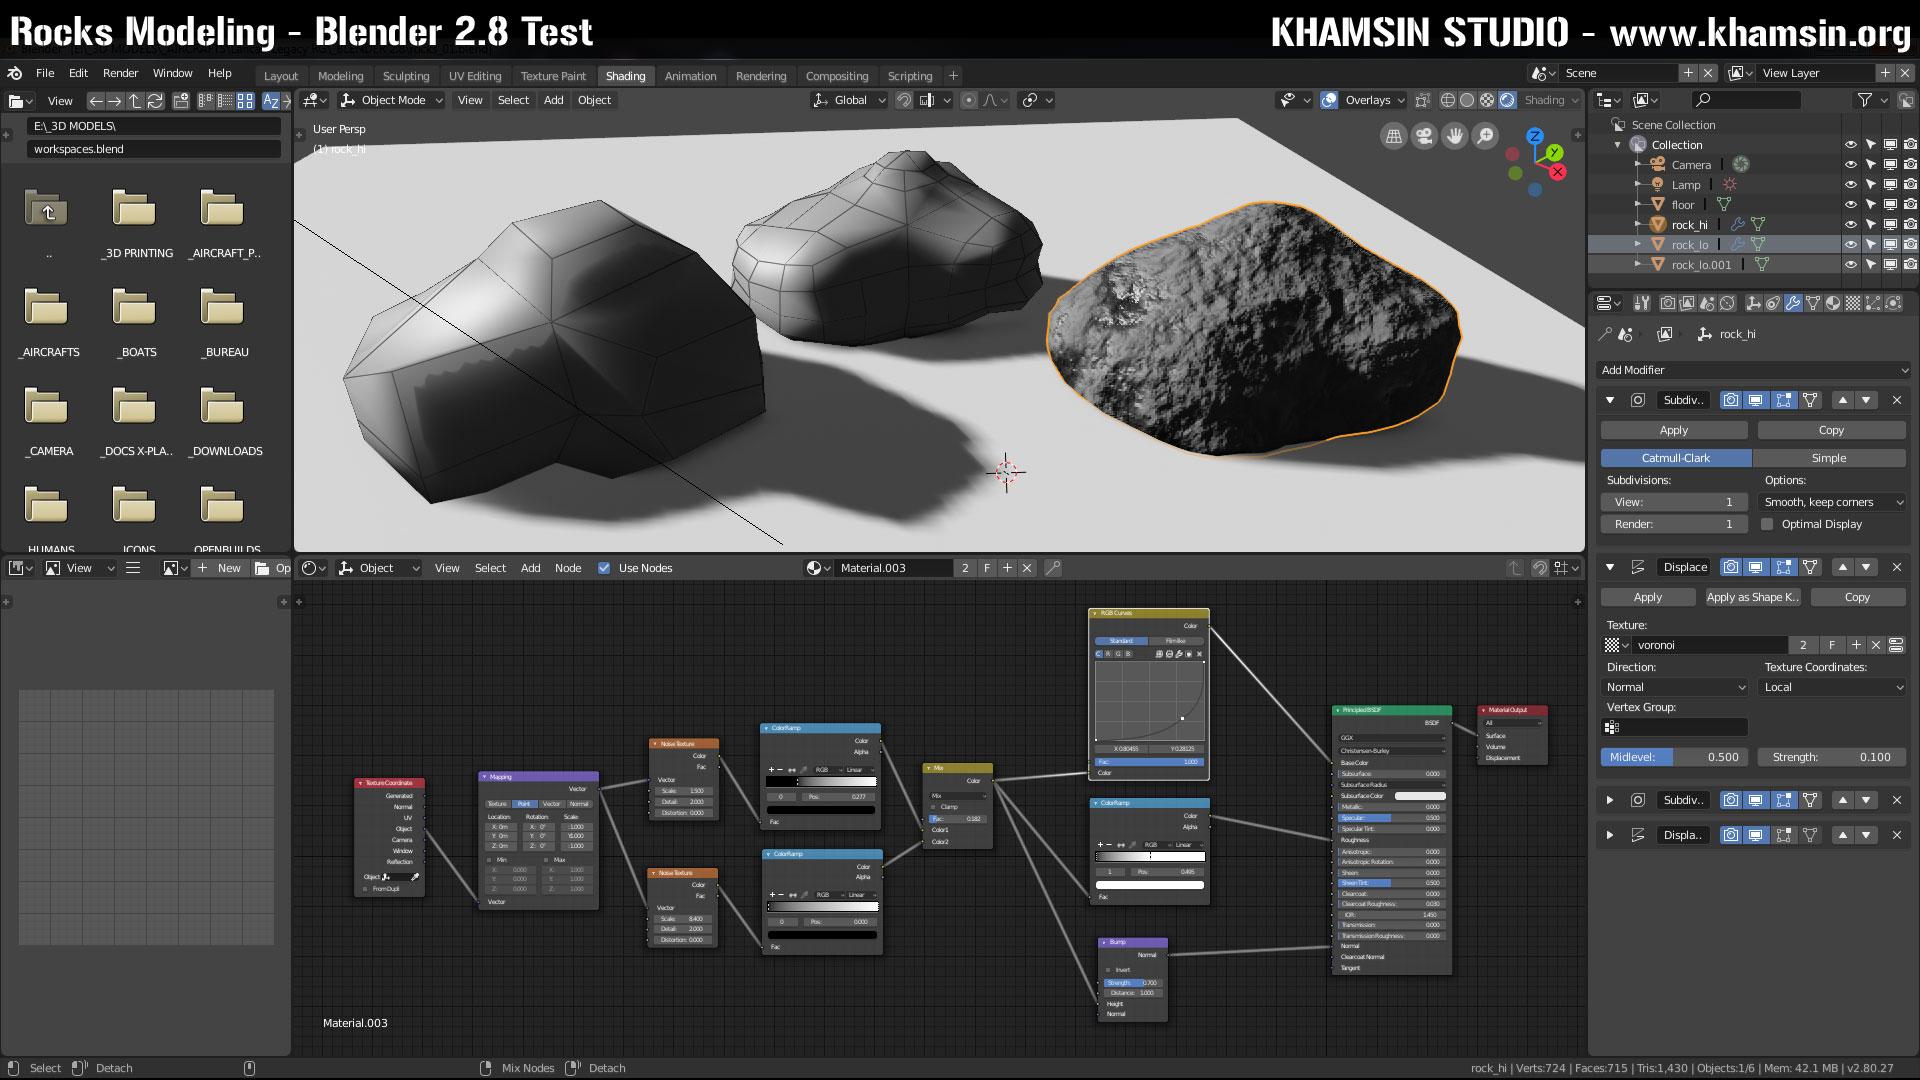 Rock Modeling - Blender 2 8 Test - blog khamsin org